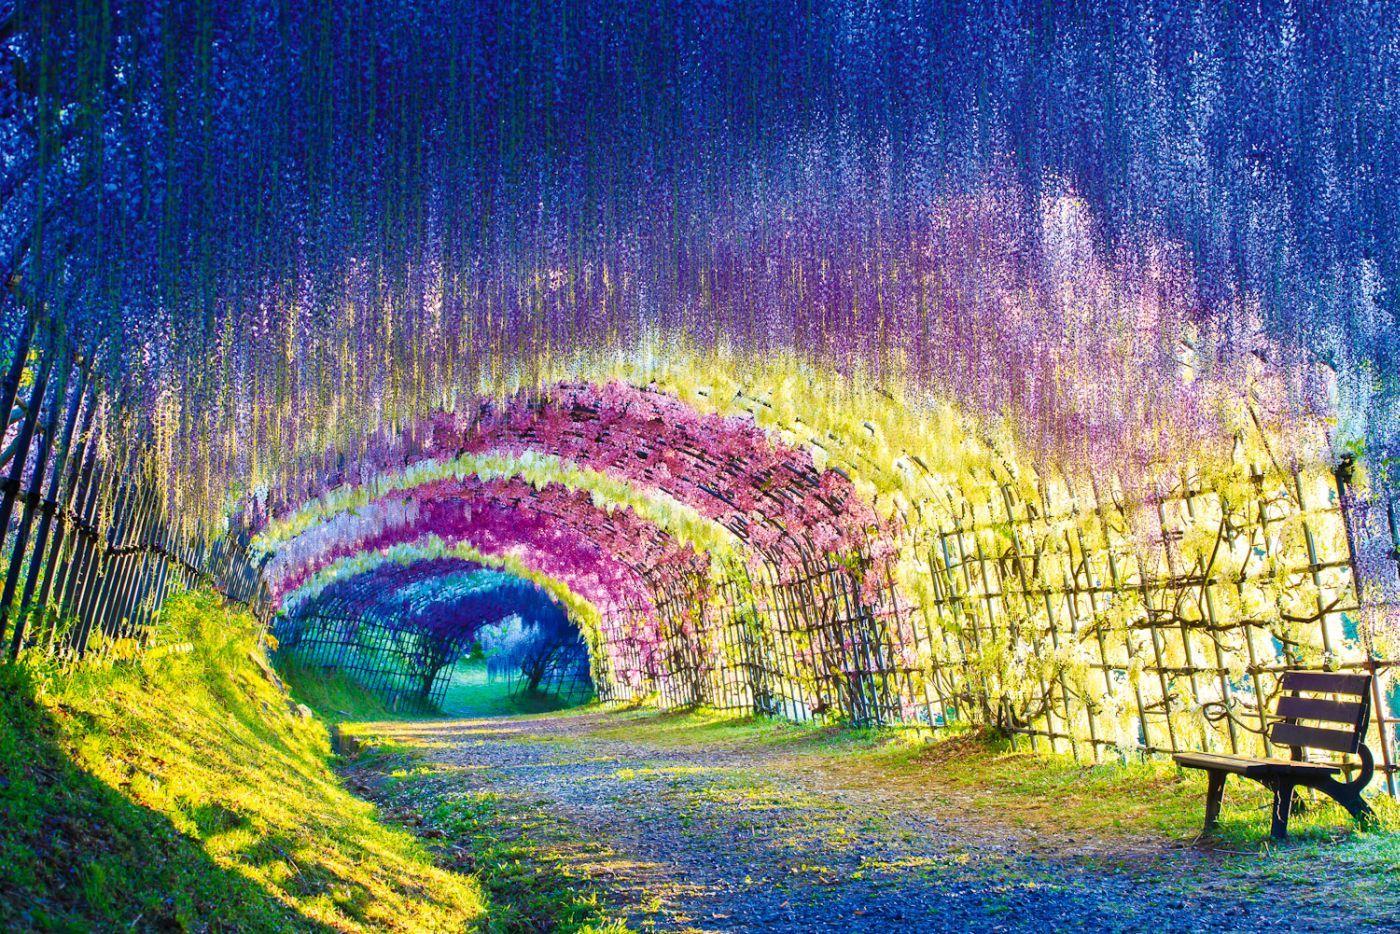 2aba7248da60fb40b69a7f8f2d592a51 - Wisteria Tunnel At Kawachi Fuji Gardens Kitakyushu Japan